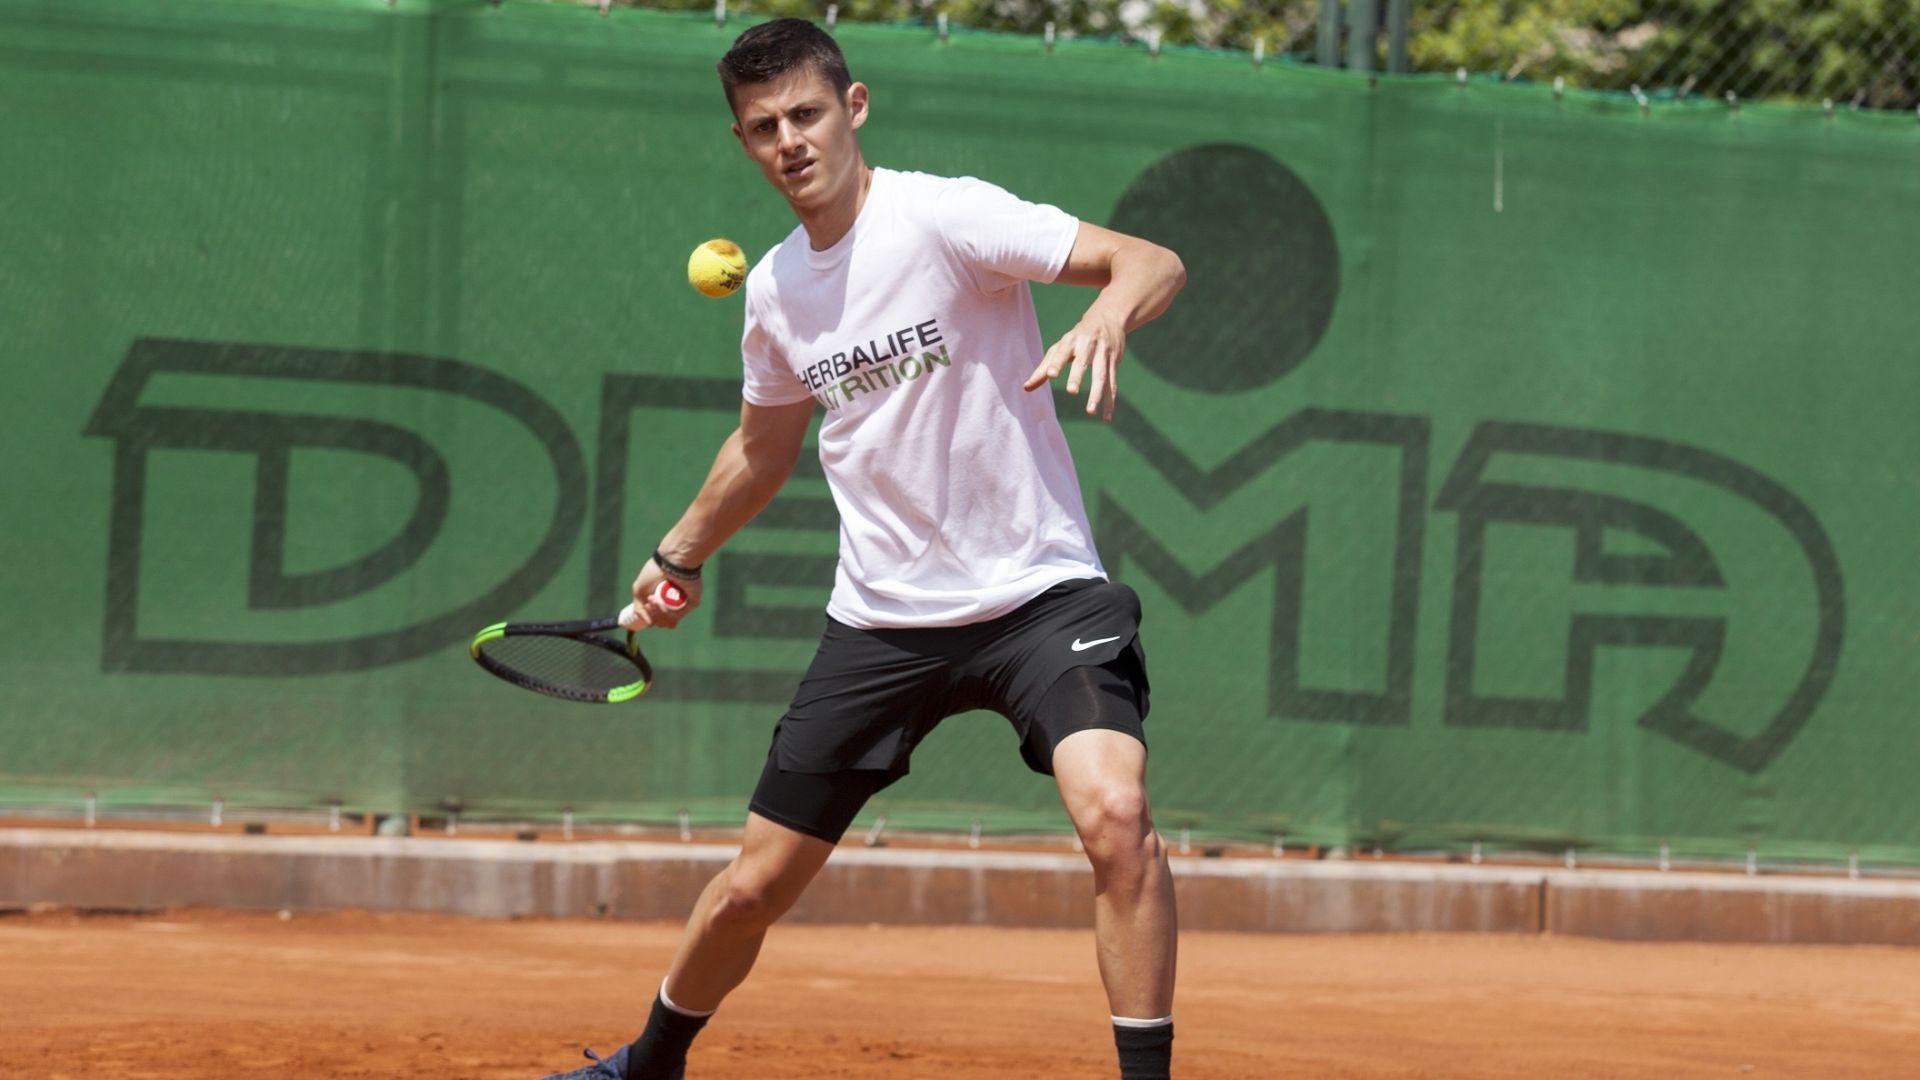 Herbalife Nutrition обявява официалното си спонсорство на изгряващата българска тенис звезда Александър Лазаров